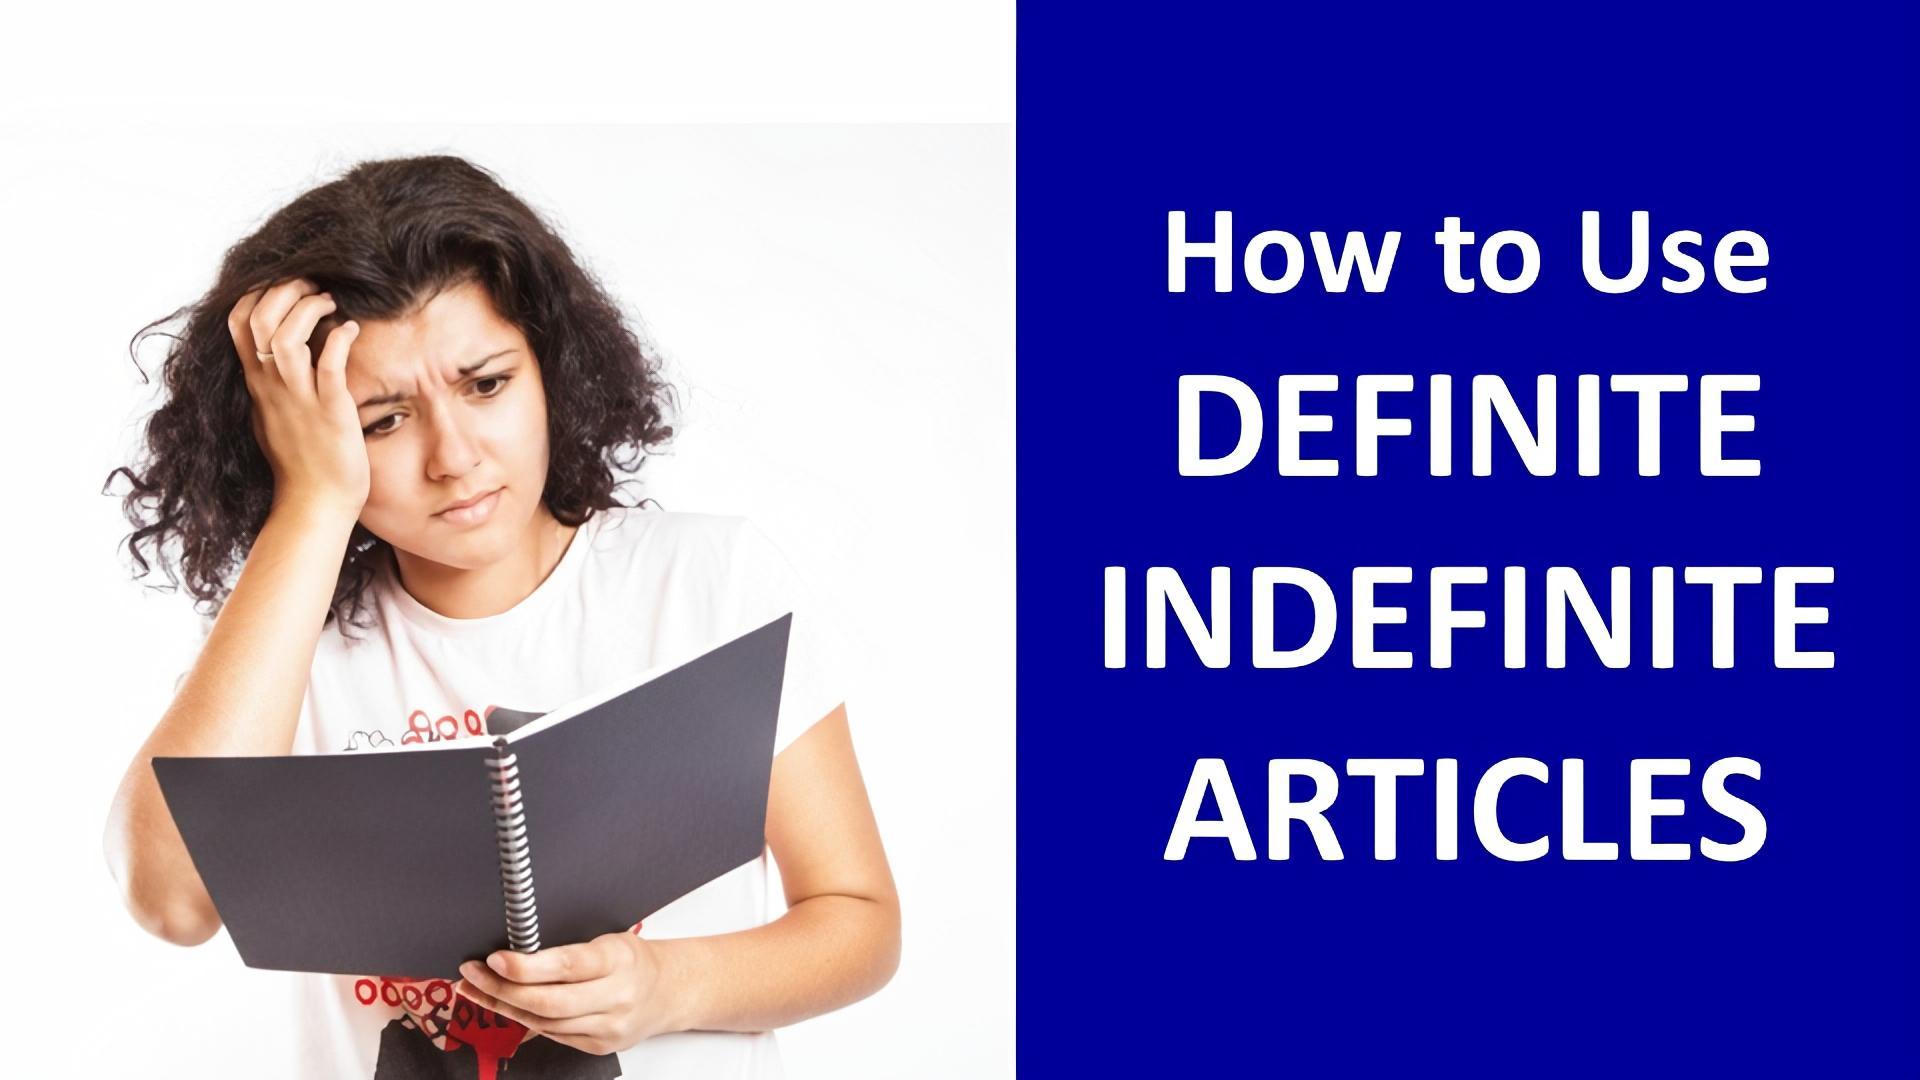 definite indefinite articles